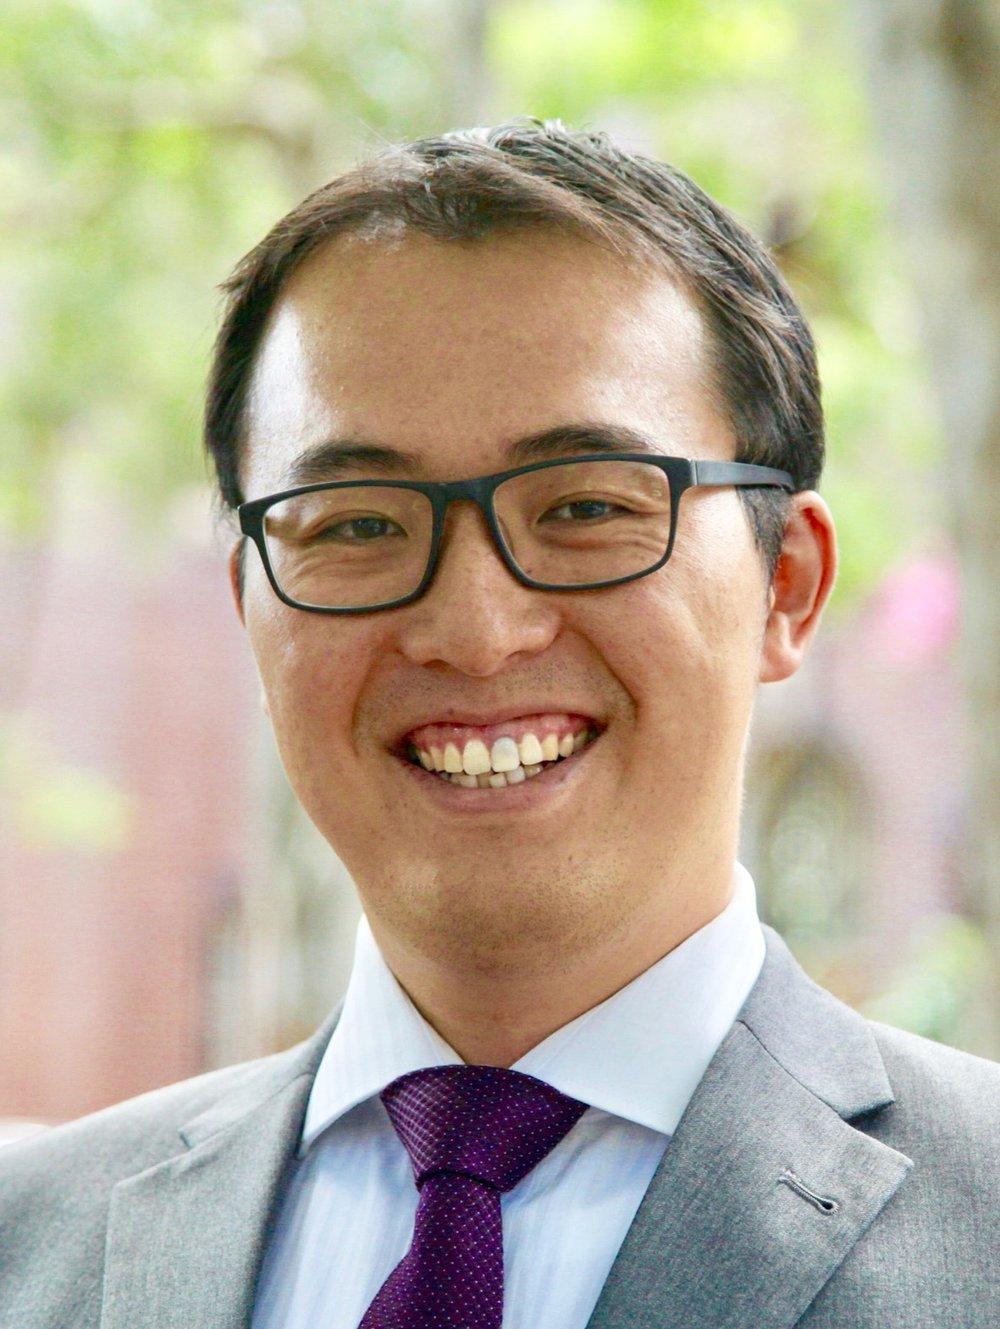 Chong Shao